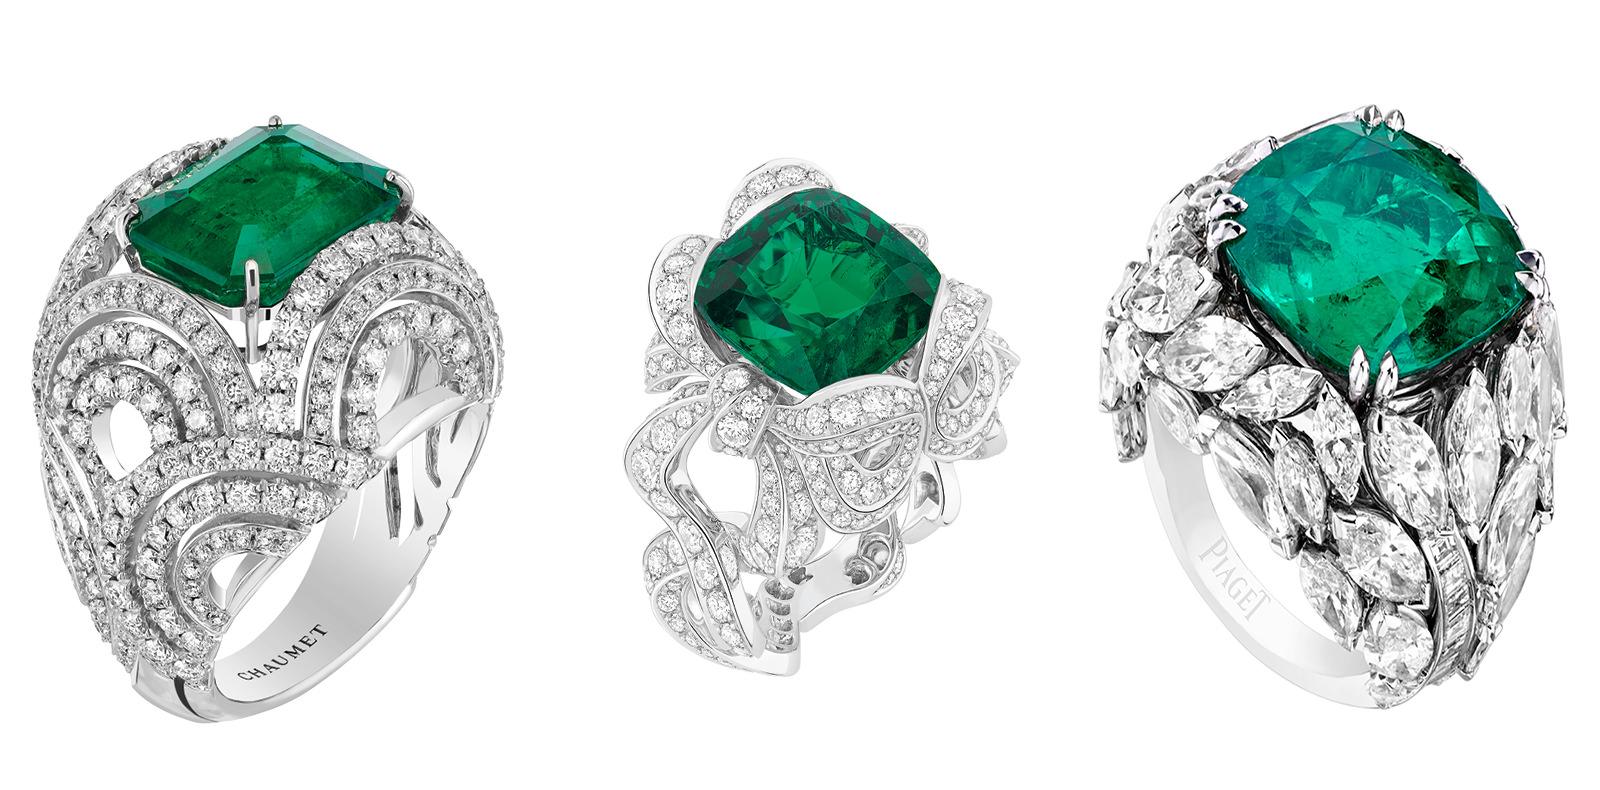 """De gauche à droite :  Bague """"Lumières d'eau"""" en or blanc, diamants et émeraude, CHAUMET. Bague """"Angélique""""en or blanc, diamants et émeraude, DIOR JOAILLERIE. Bague""""Limelight Mediterranean Garden"""" en or blanc, diamants et émeraude, PIAGET."""